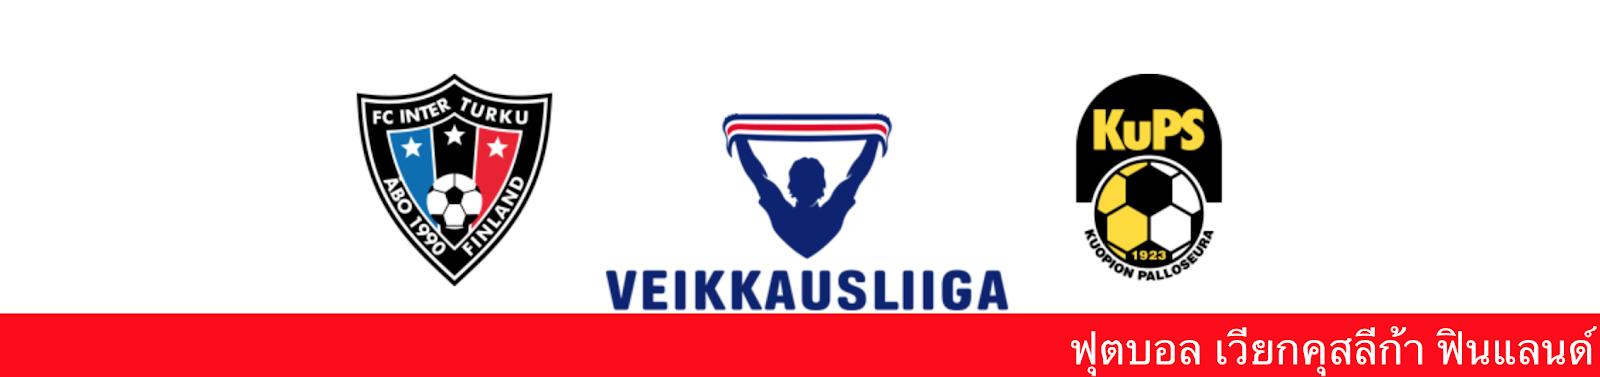 ผลบอล วิเคราะห์บอล ฟินแลนด์ ระหว่าง อินเตอร์ ตูร์กู vs คูพีเอส